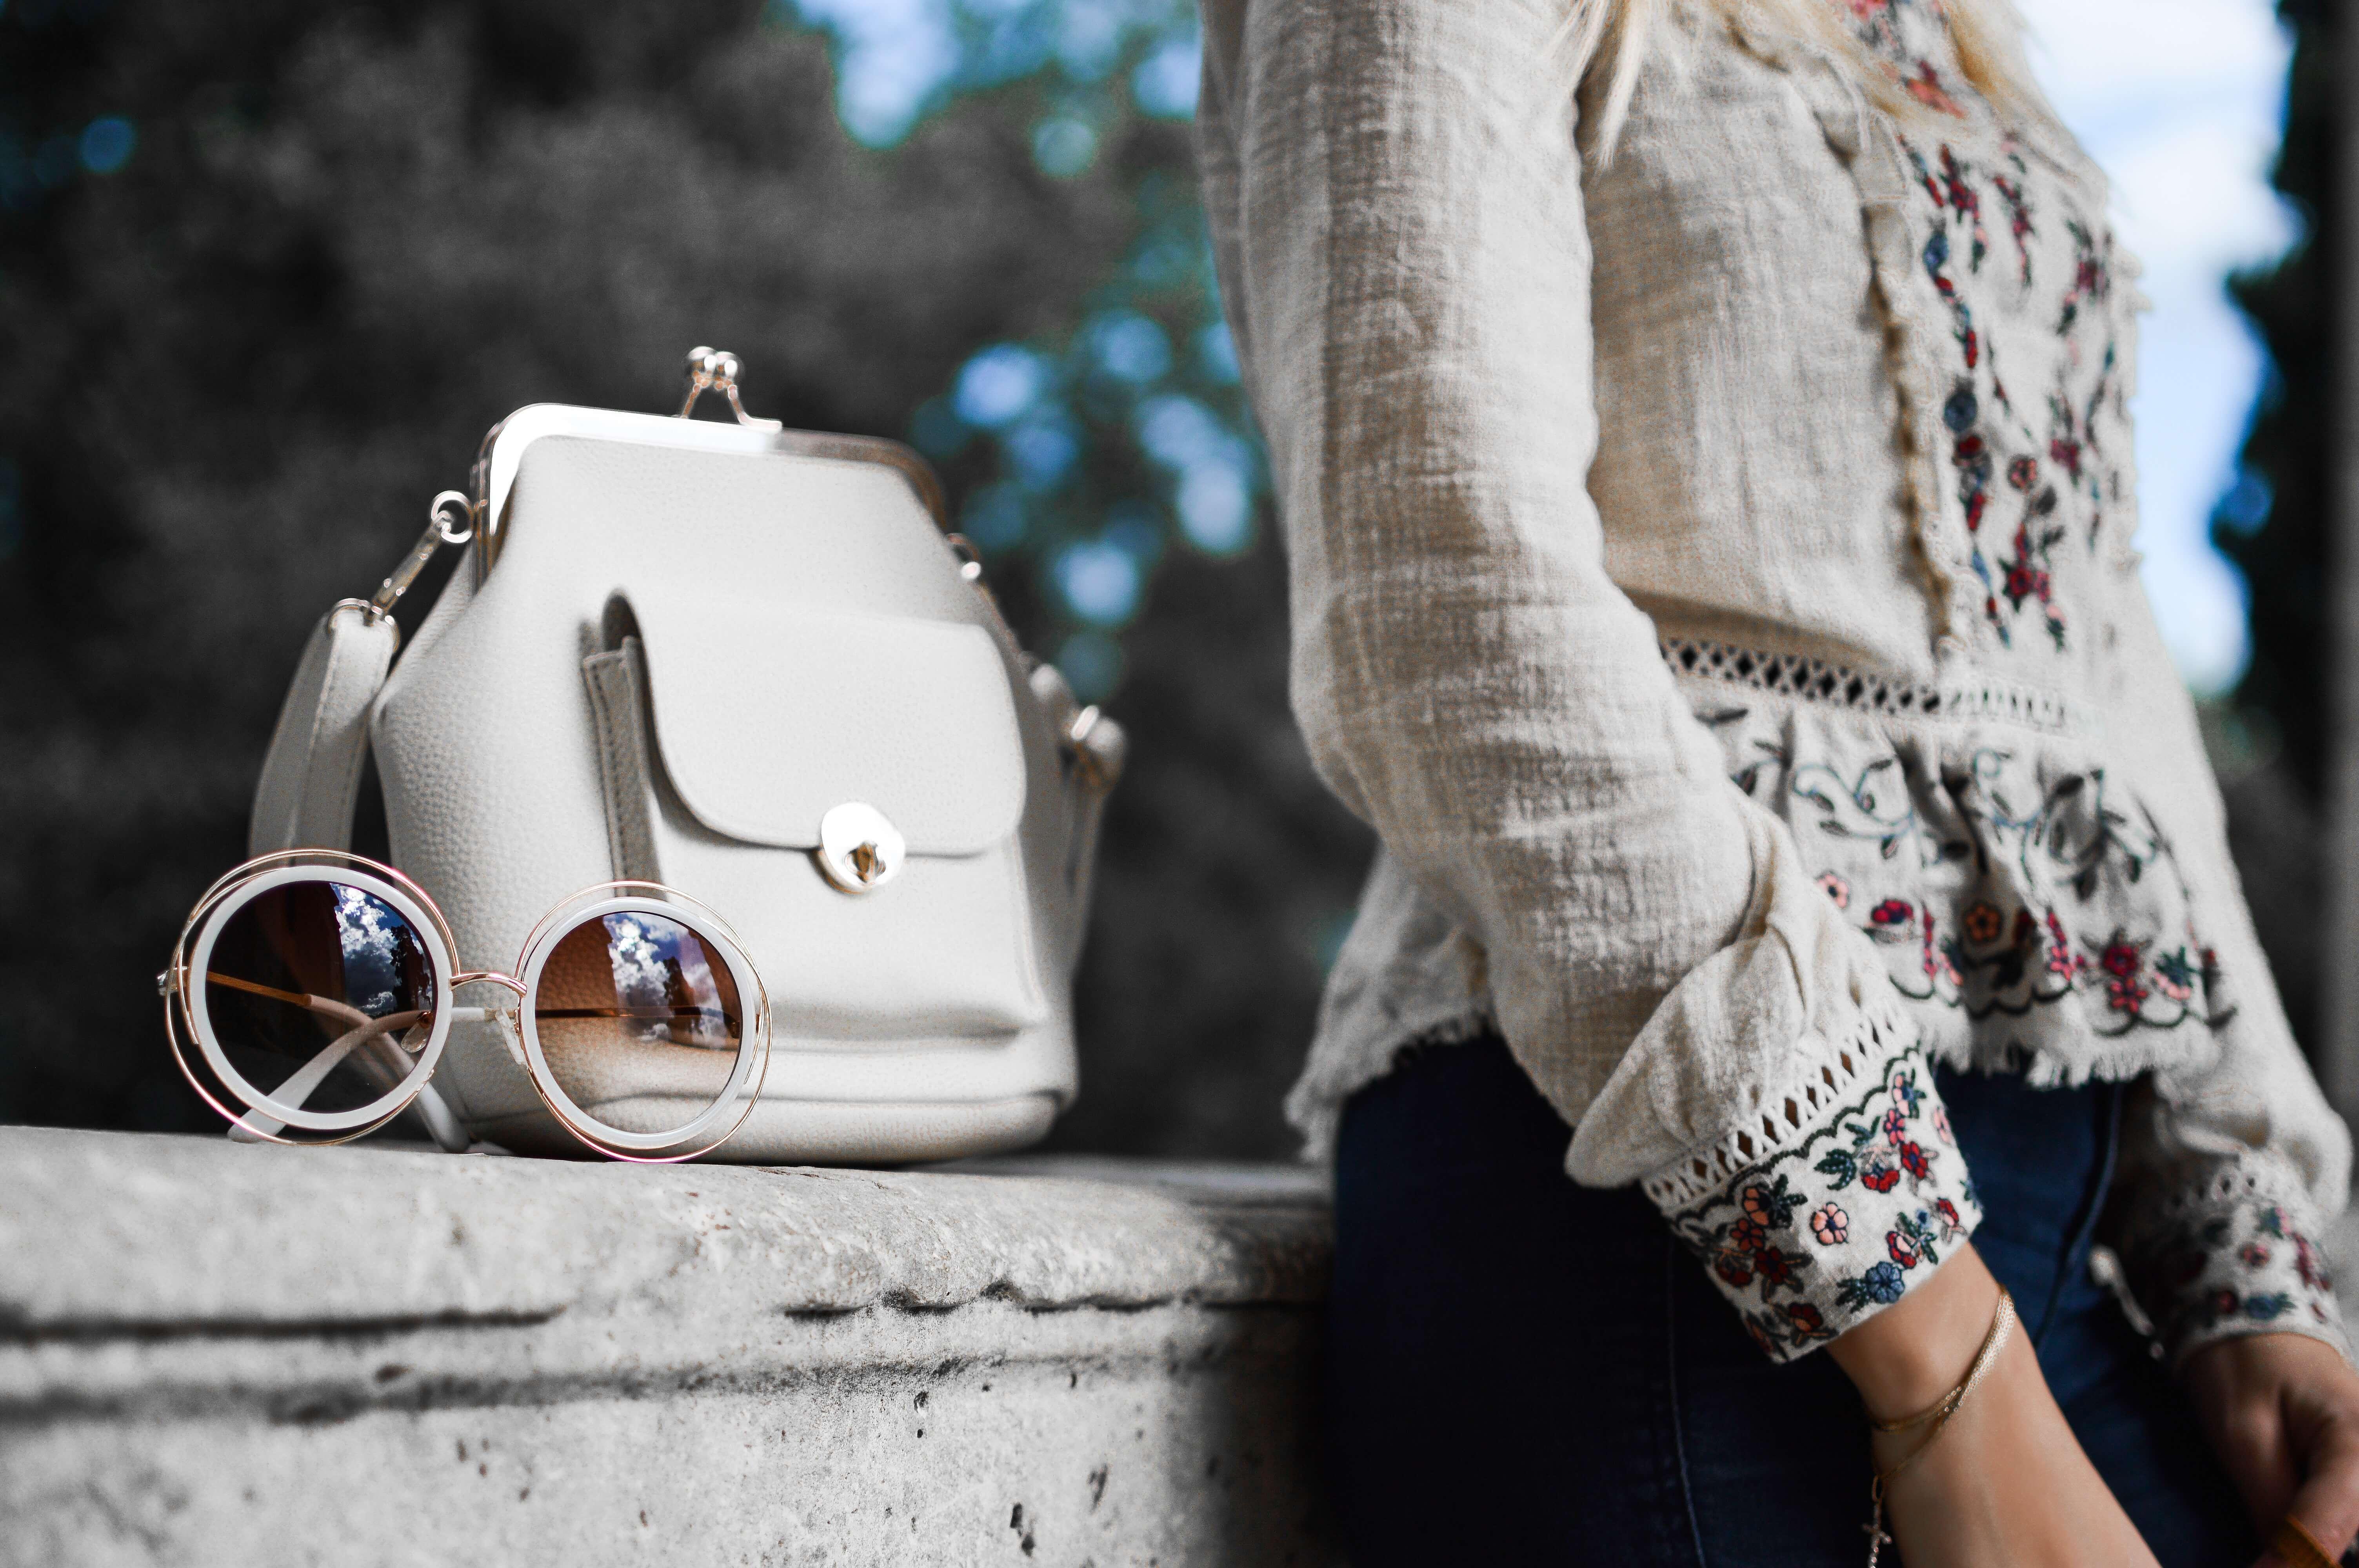 壁にもたれて立つ女性と横に置かれたベージュのバッグ